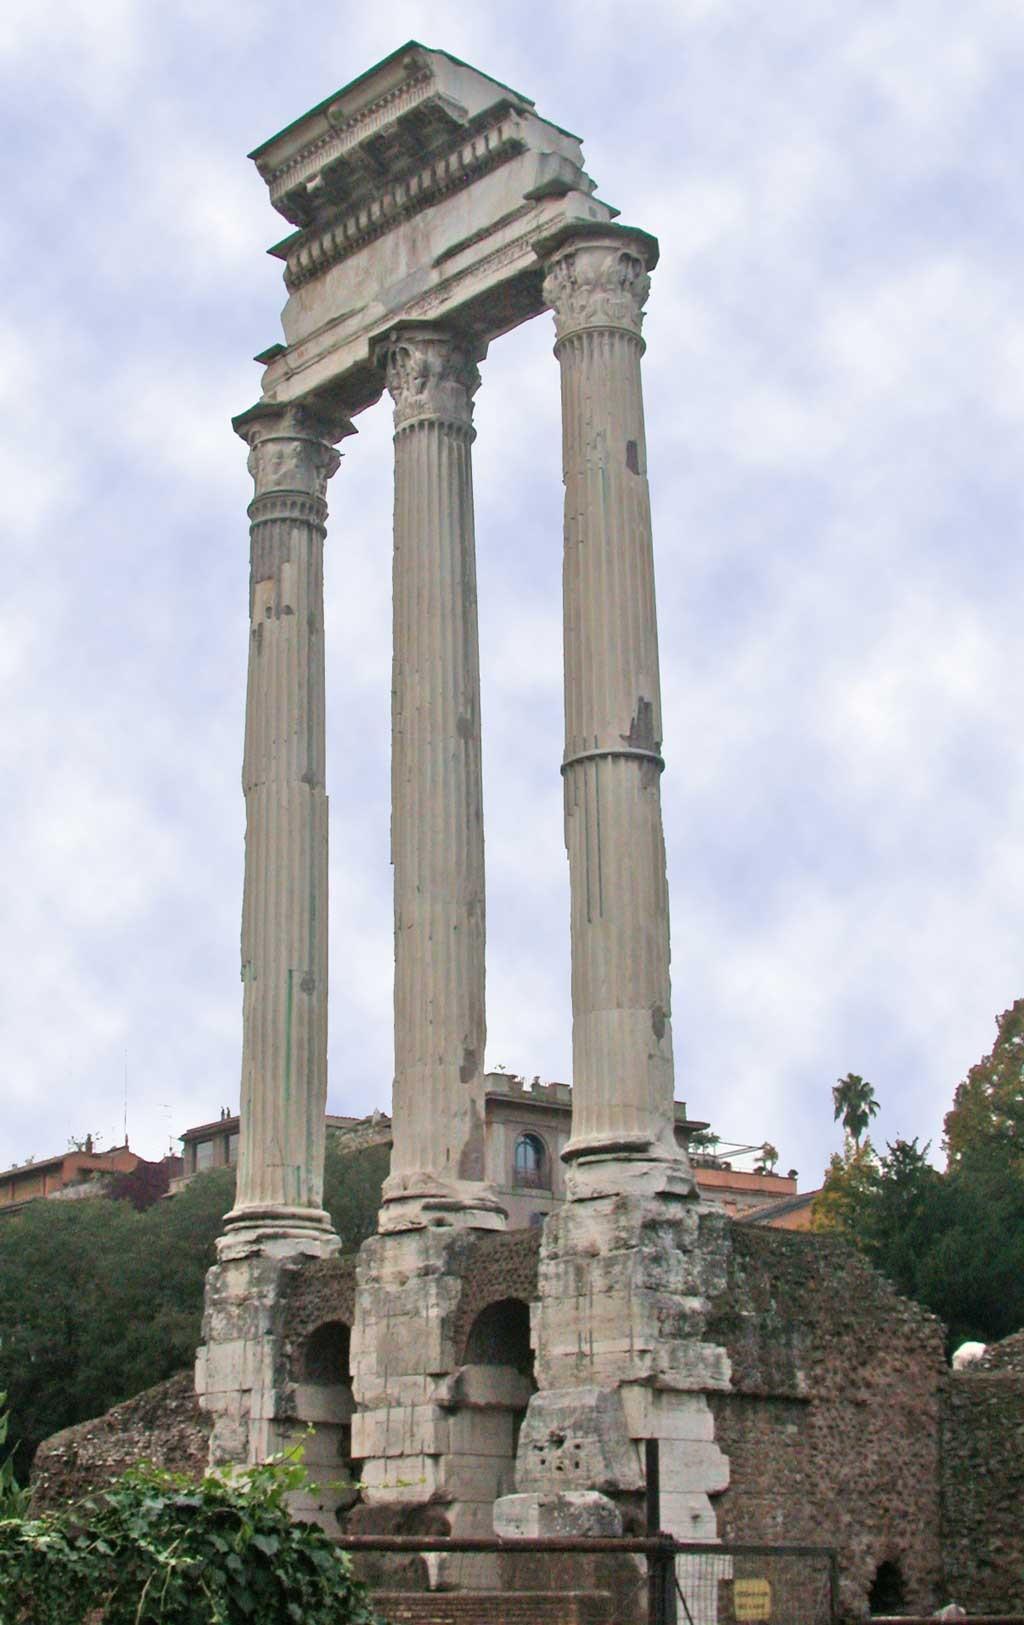 храм диоскуров, диоскуры,древнейшие храмы рима,храмы рима, рим античный, достопримечательности рима, римский форум, древние храмы, римские руины